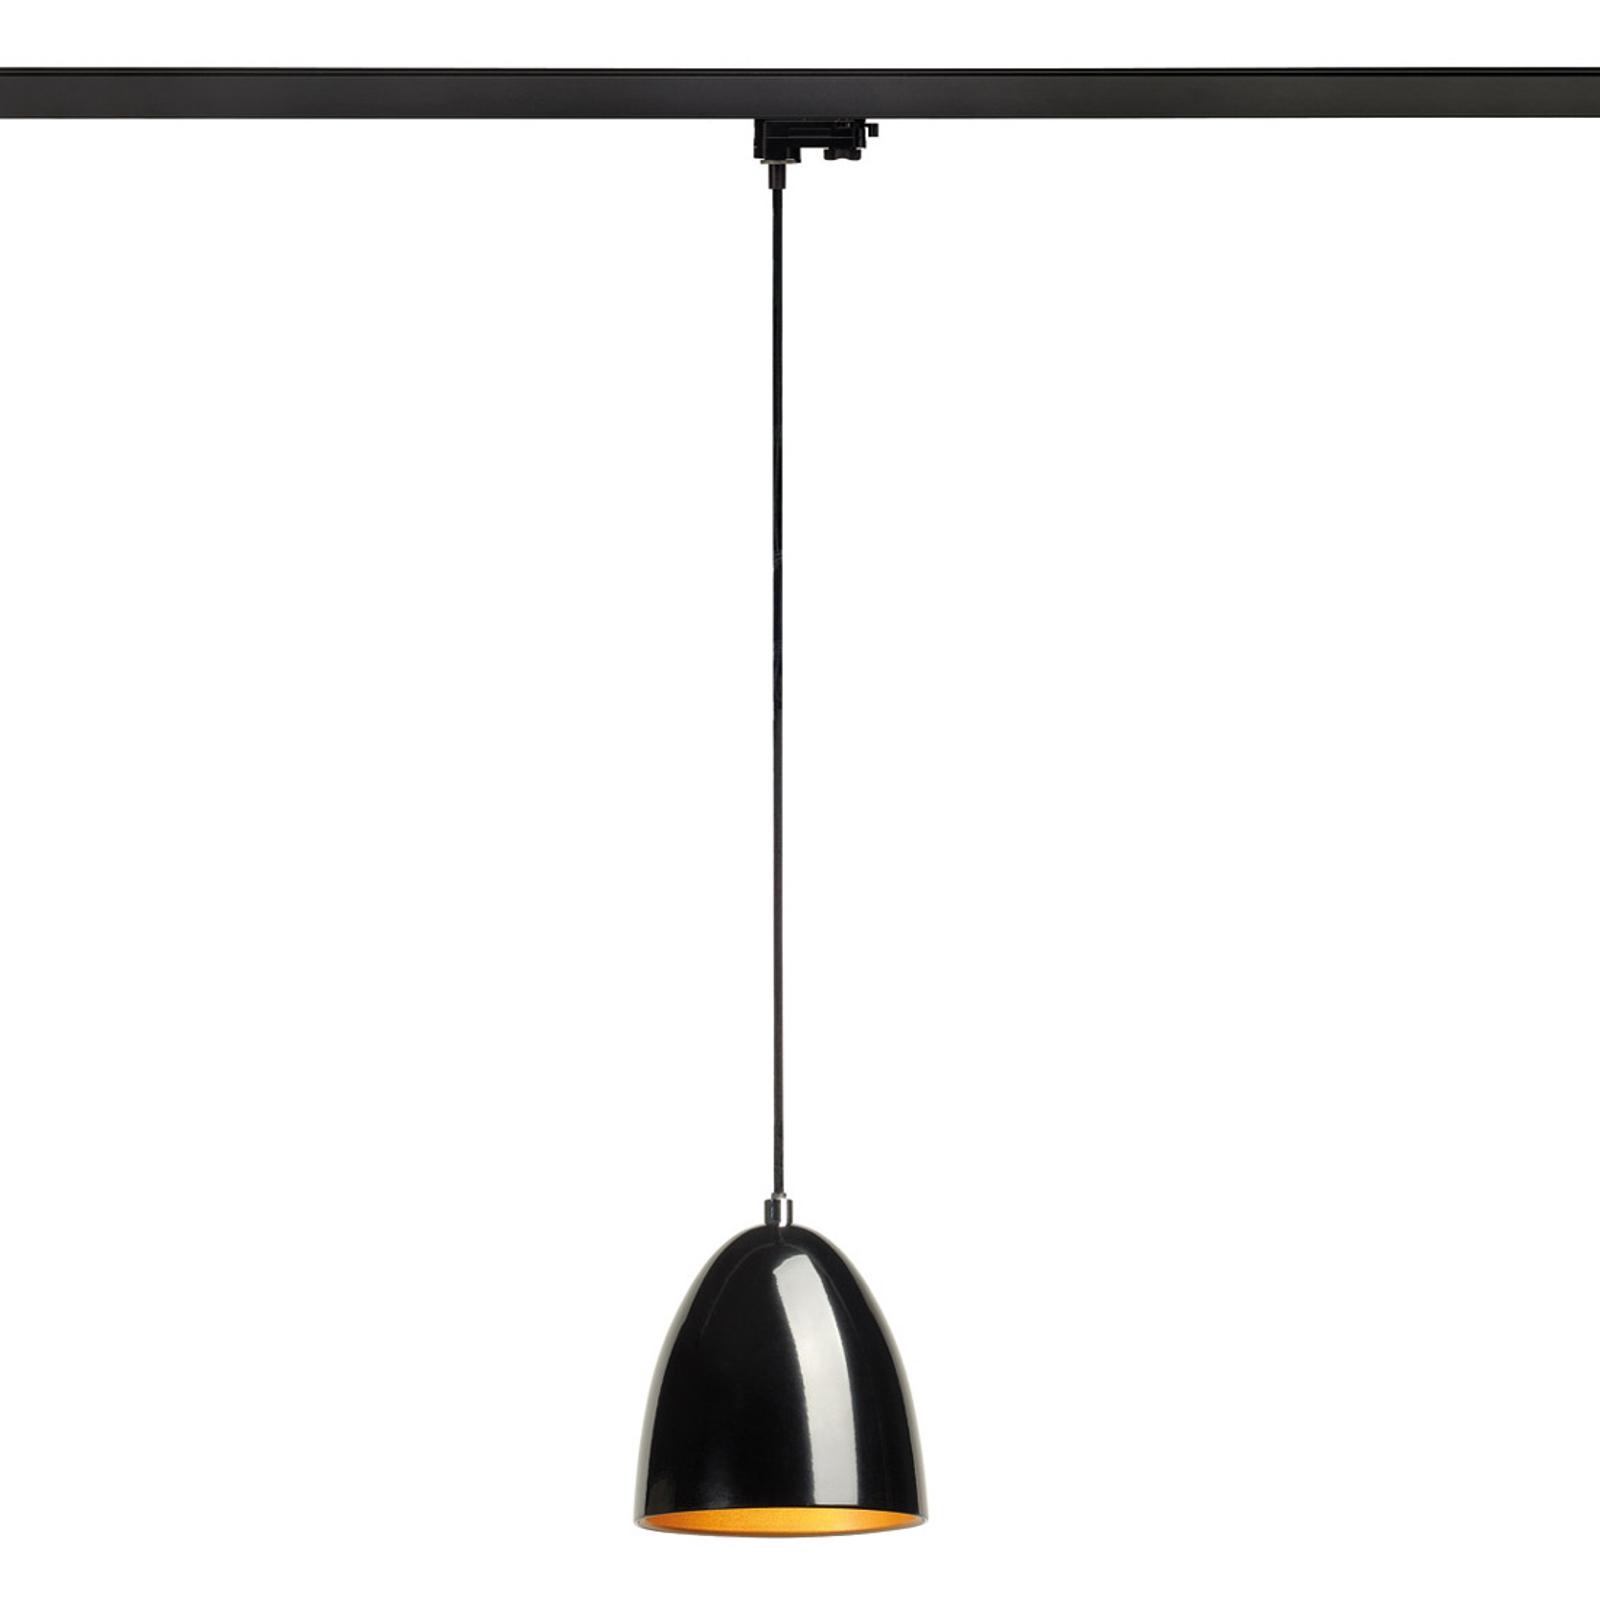 SLV Para Cone lampa wisząca 3-fazowa, czarny/złoty